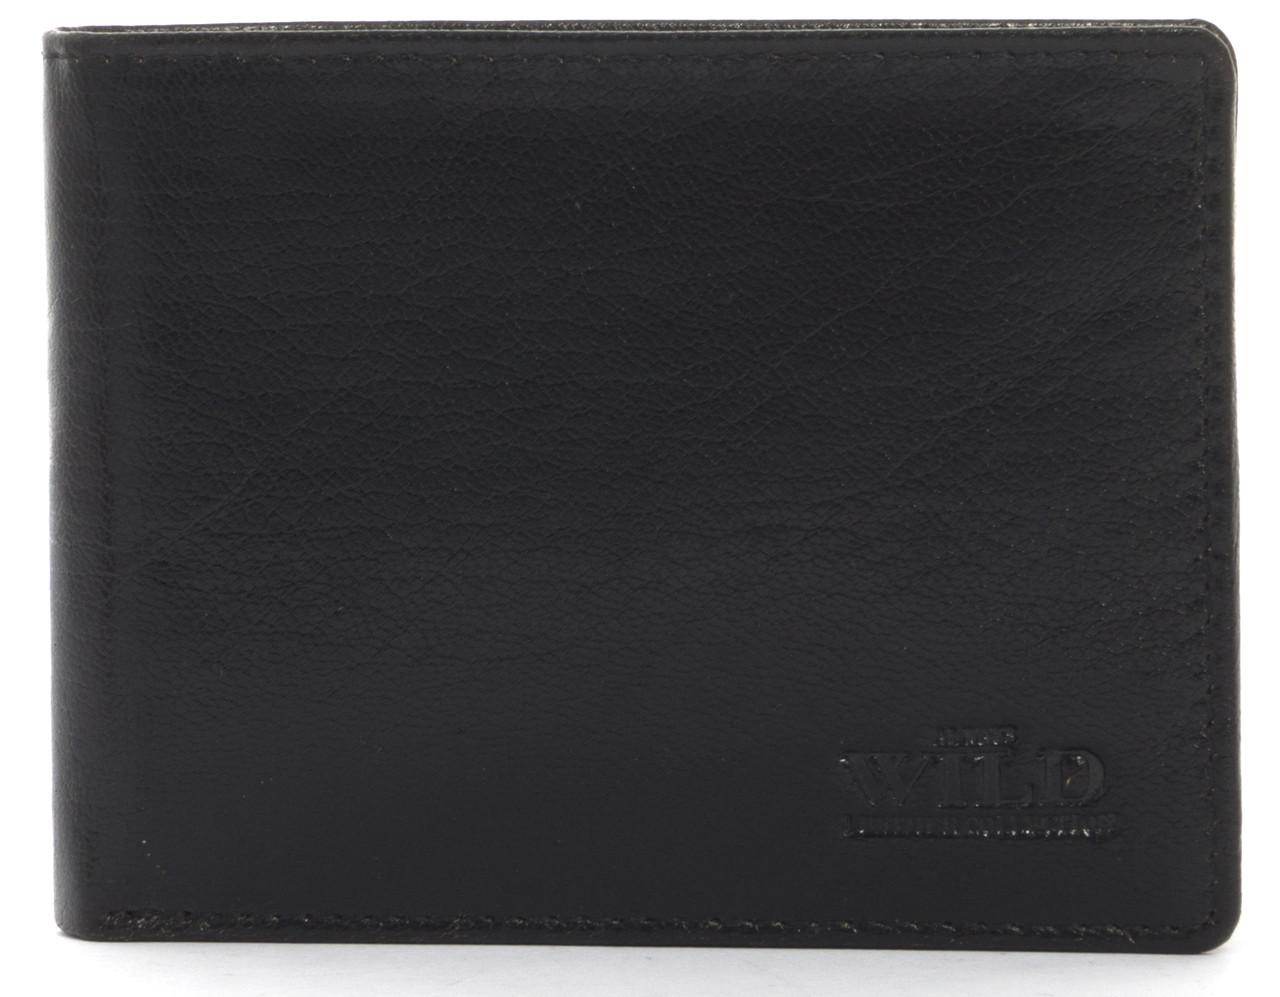 Кошелек мужской кожаный с большим количеством отделений ALWAYSWILD art. 25936-GF черный